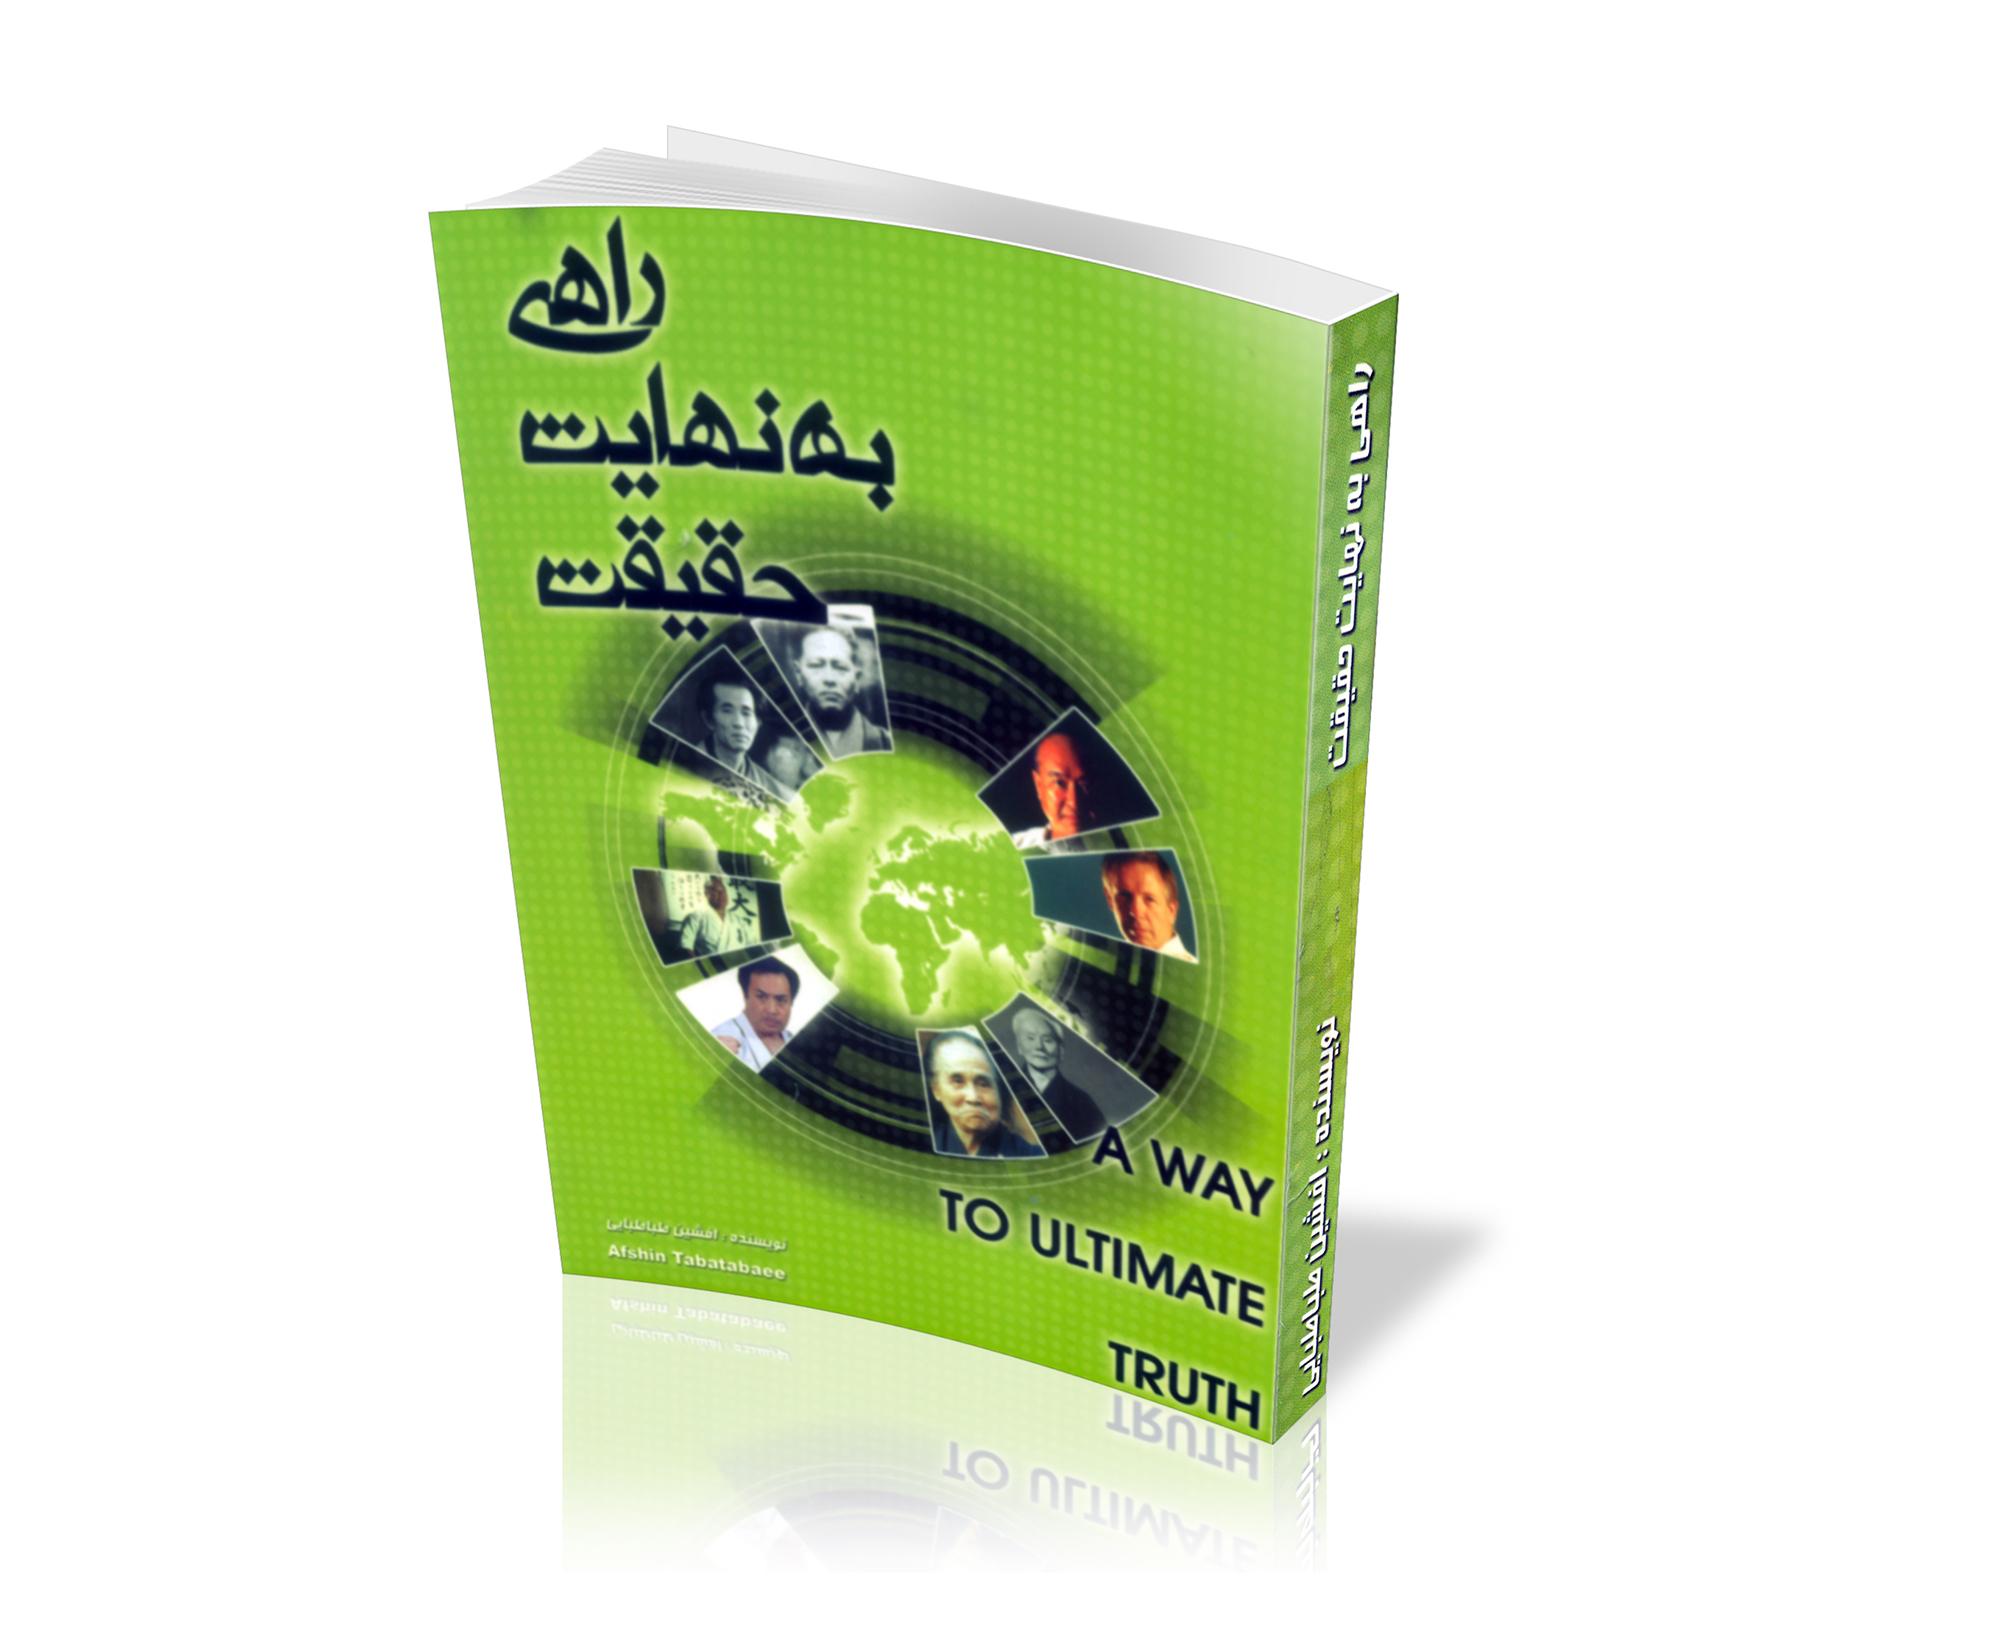 کتاب راهی به نهایت حقیقت